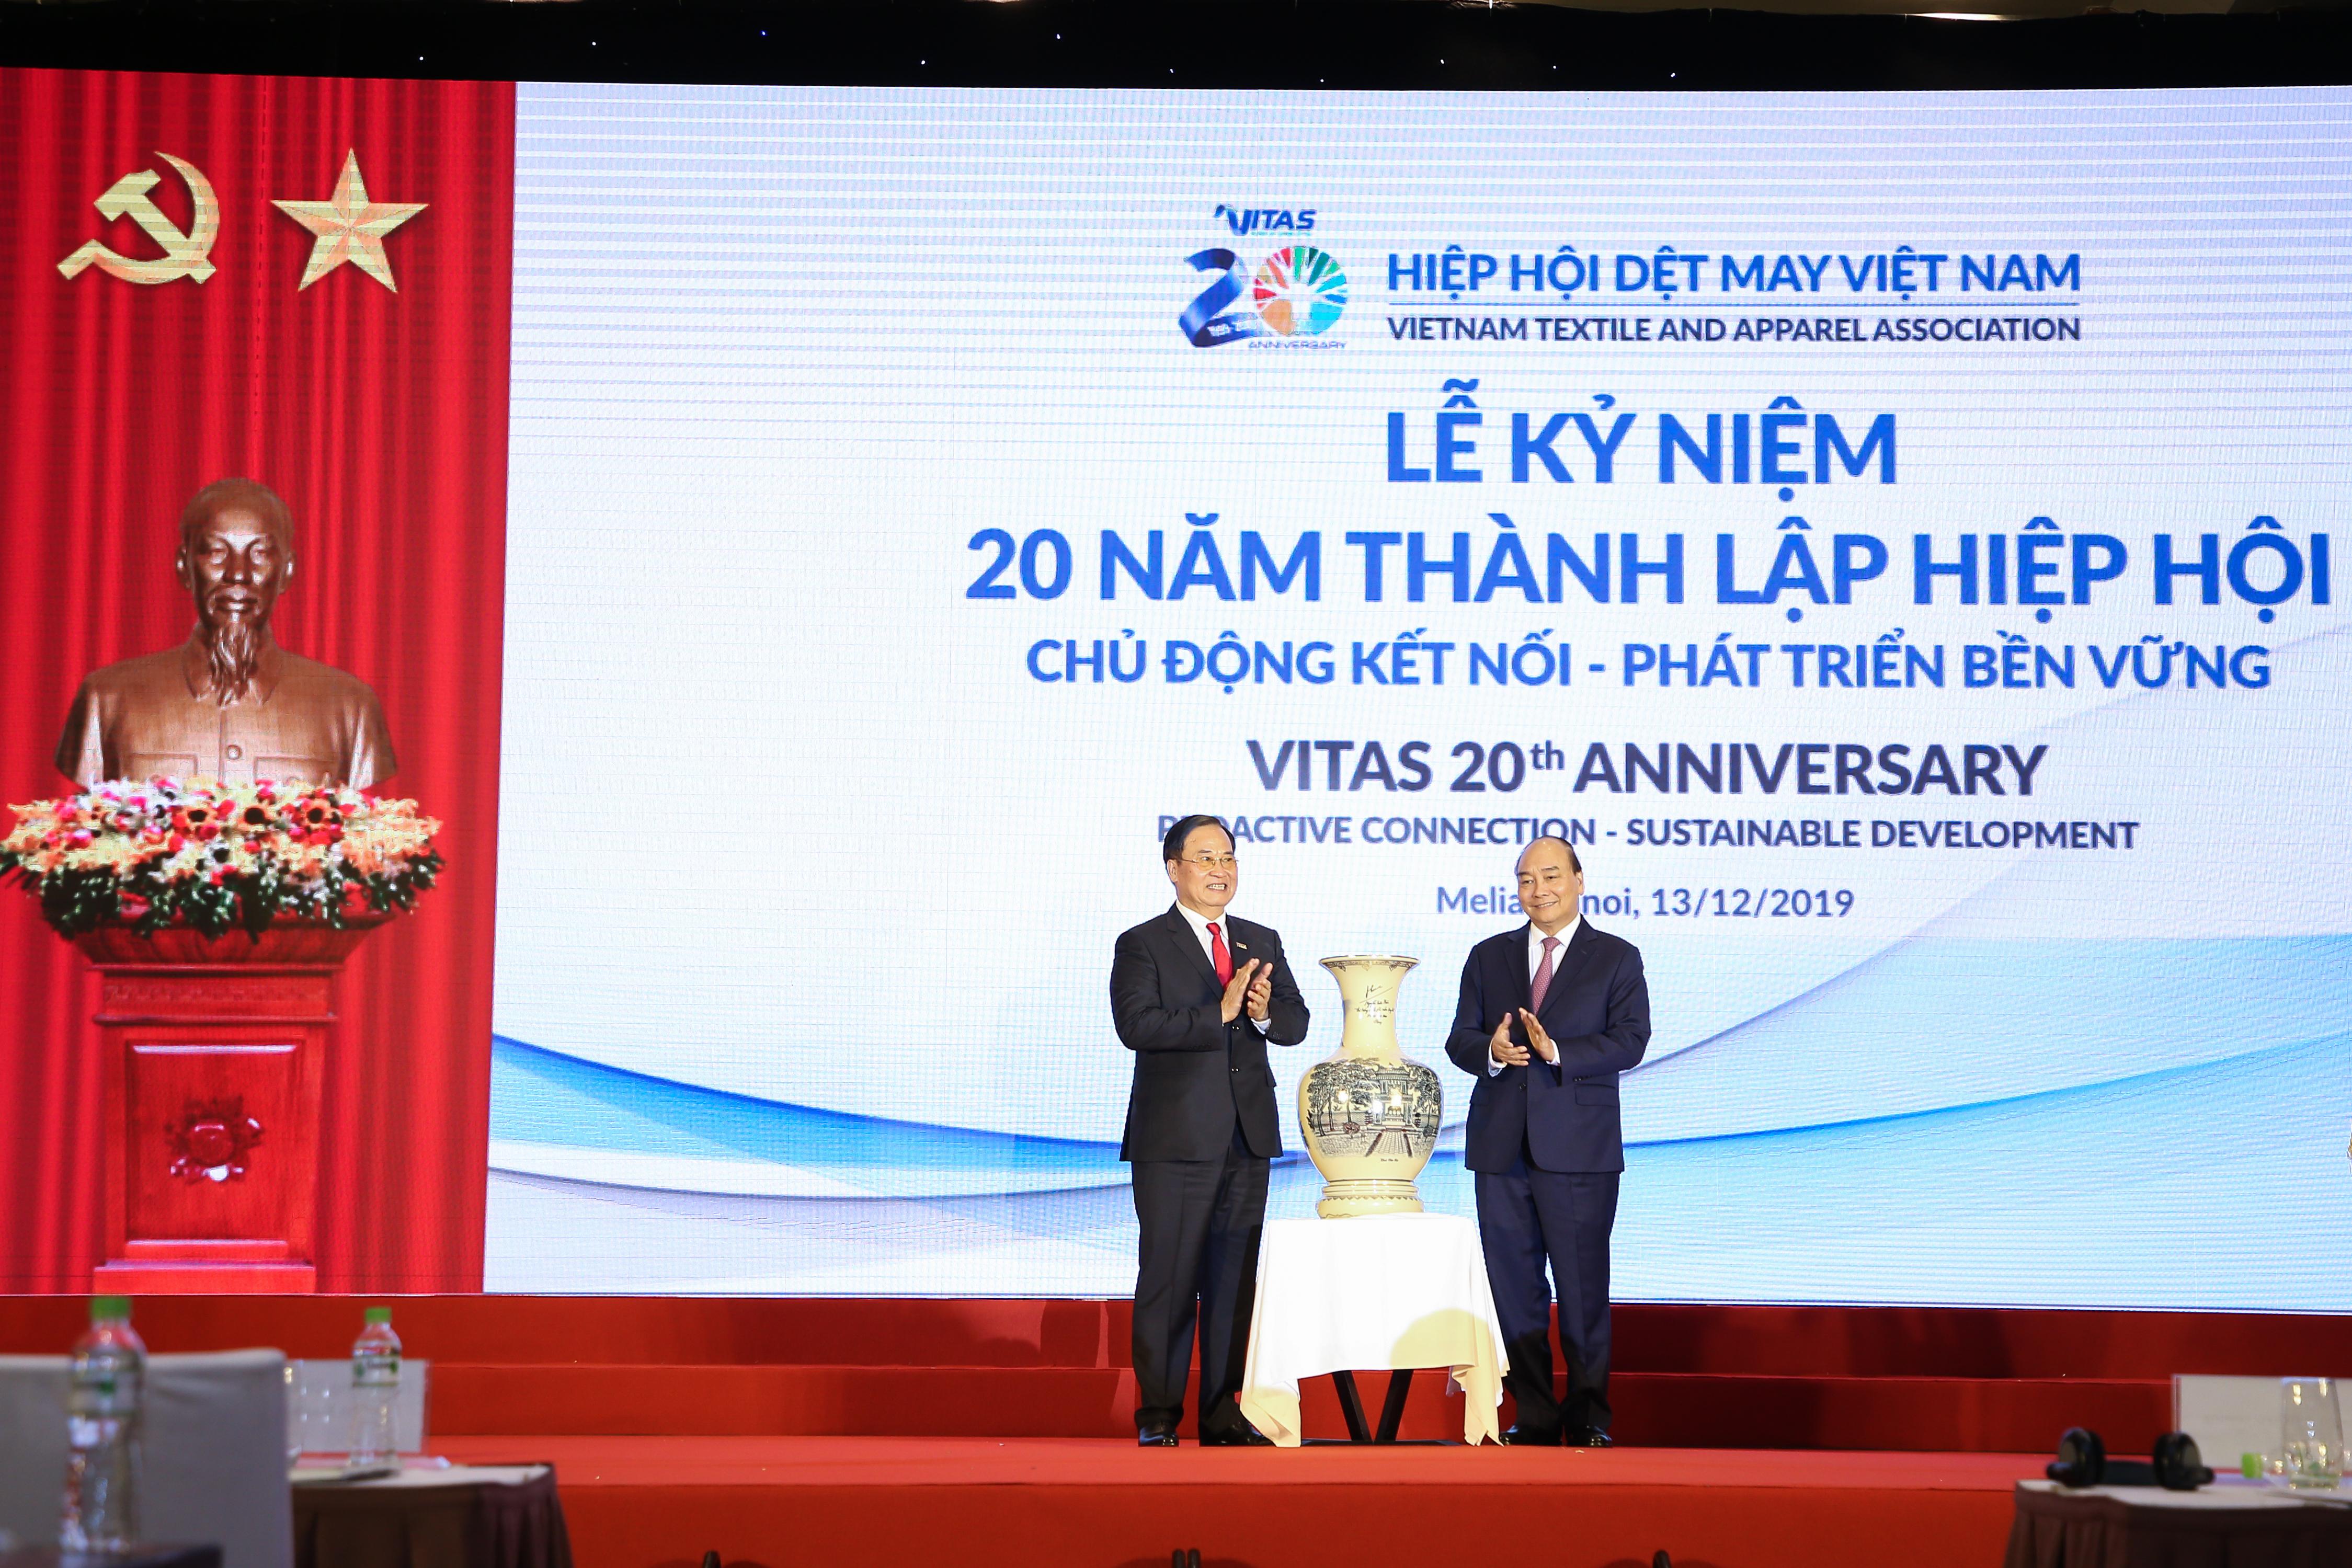 Lễ Kỷ niệm 20 năm Vitas và HNTK năm 2019